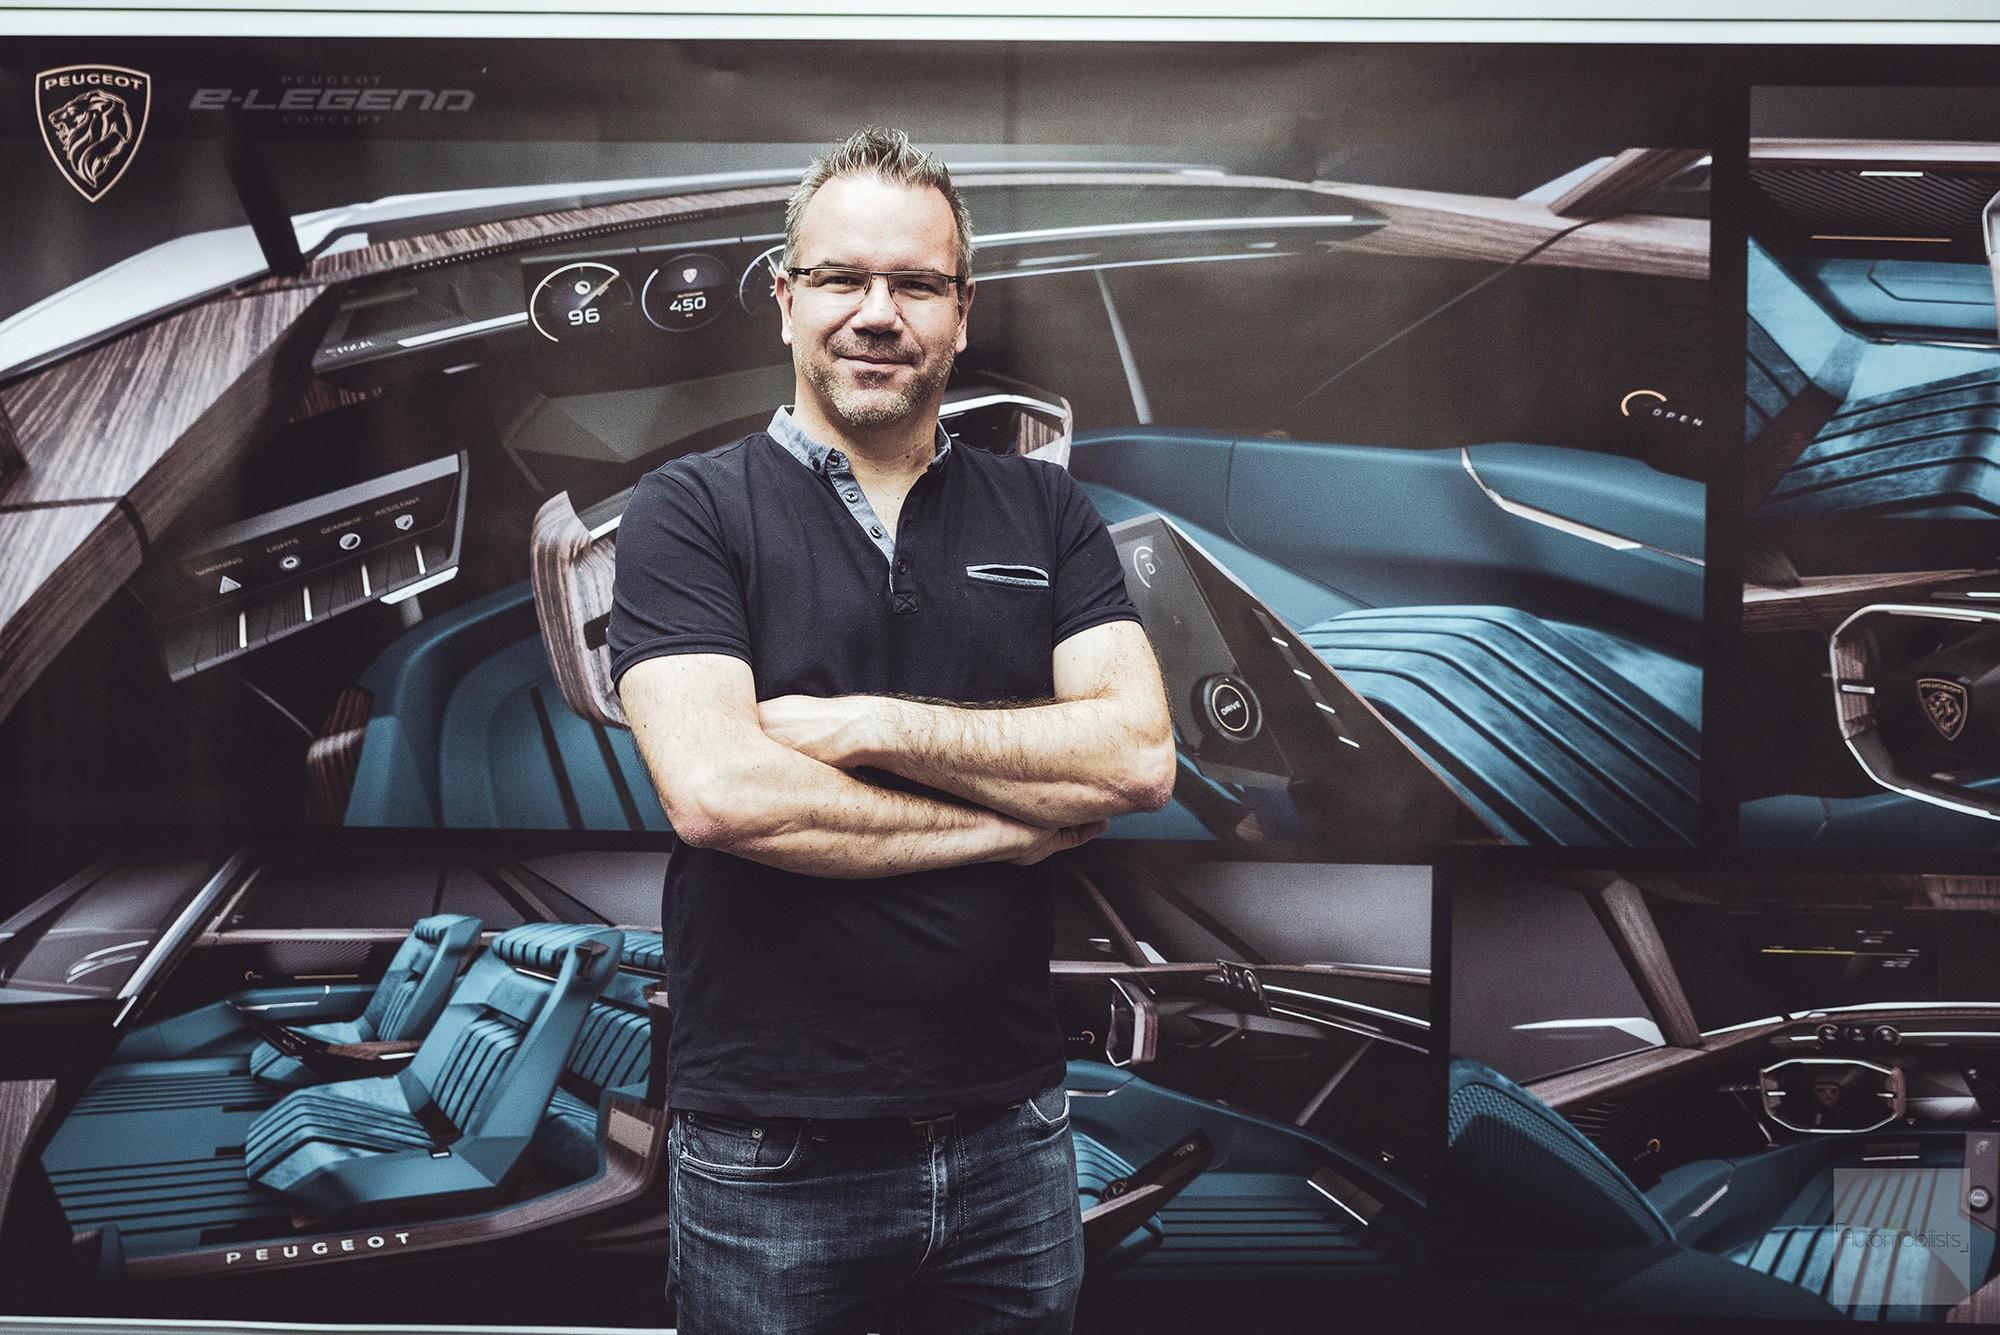 Peugeot P18 Paris Motor Show 2018 E Legend Concept Car Interview designer 3